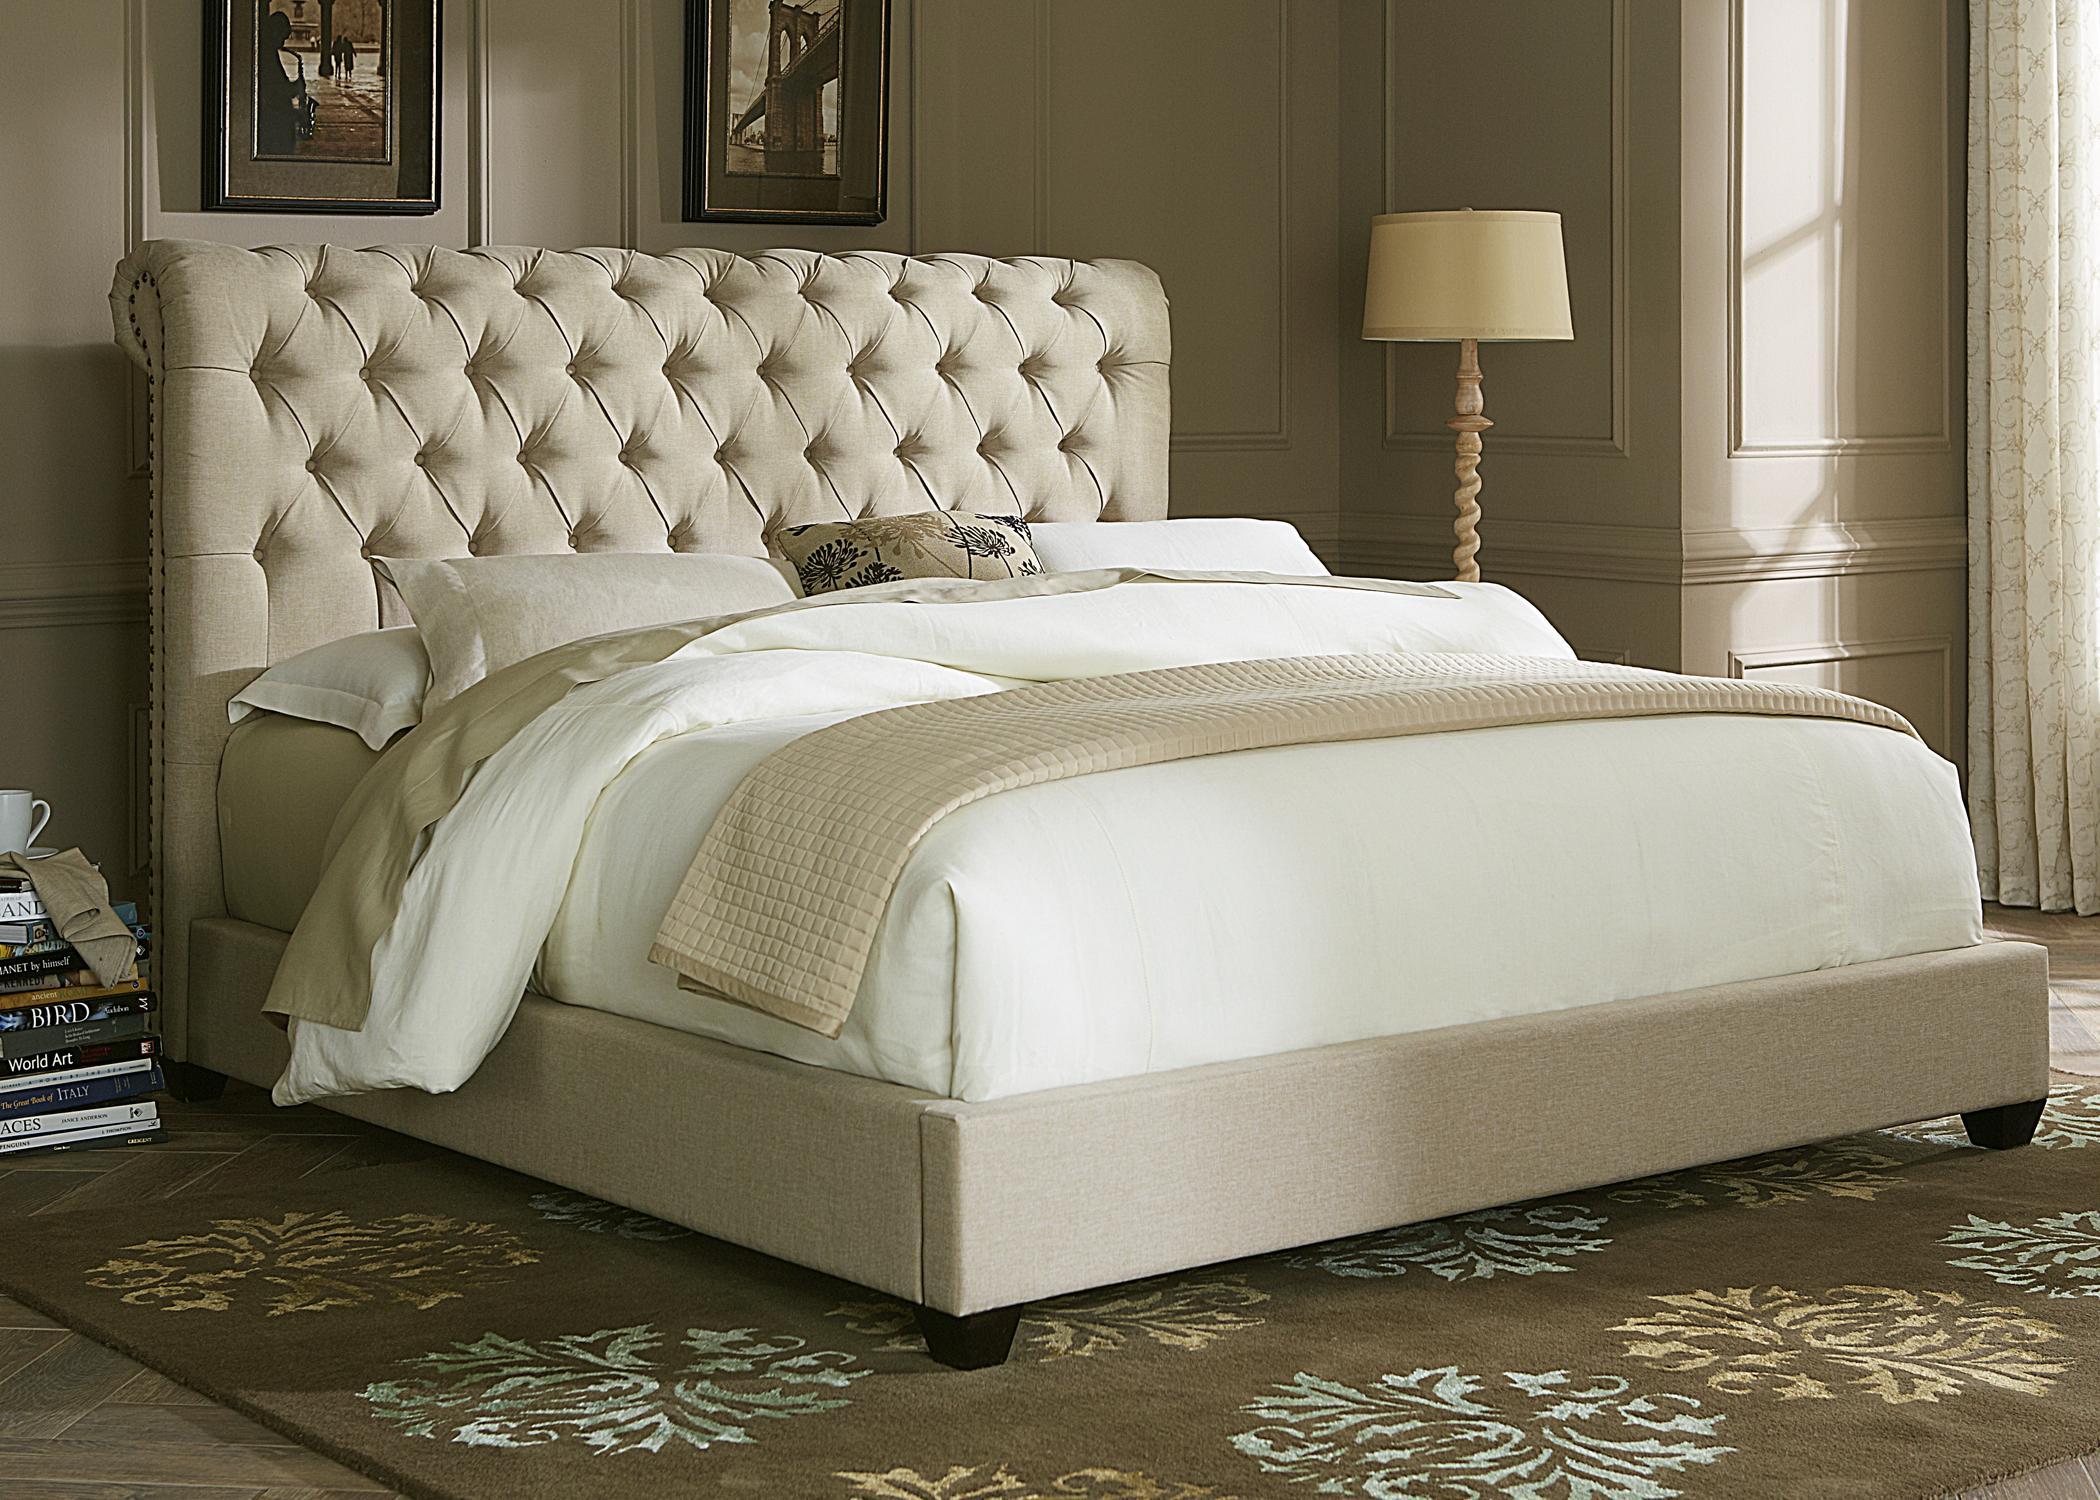 Liberty Furniture Upholstered Beds 100-BR-KSL King Sleigh Bed ...